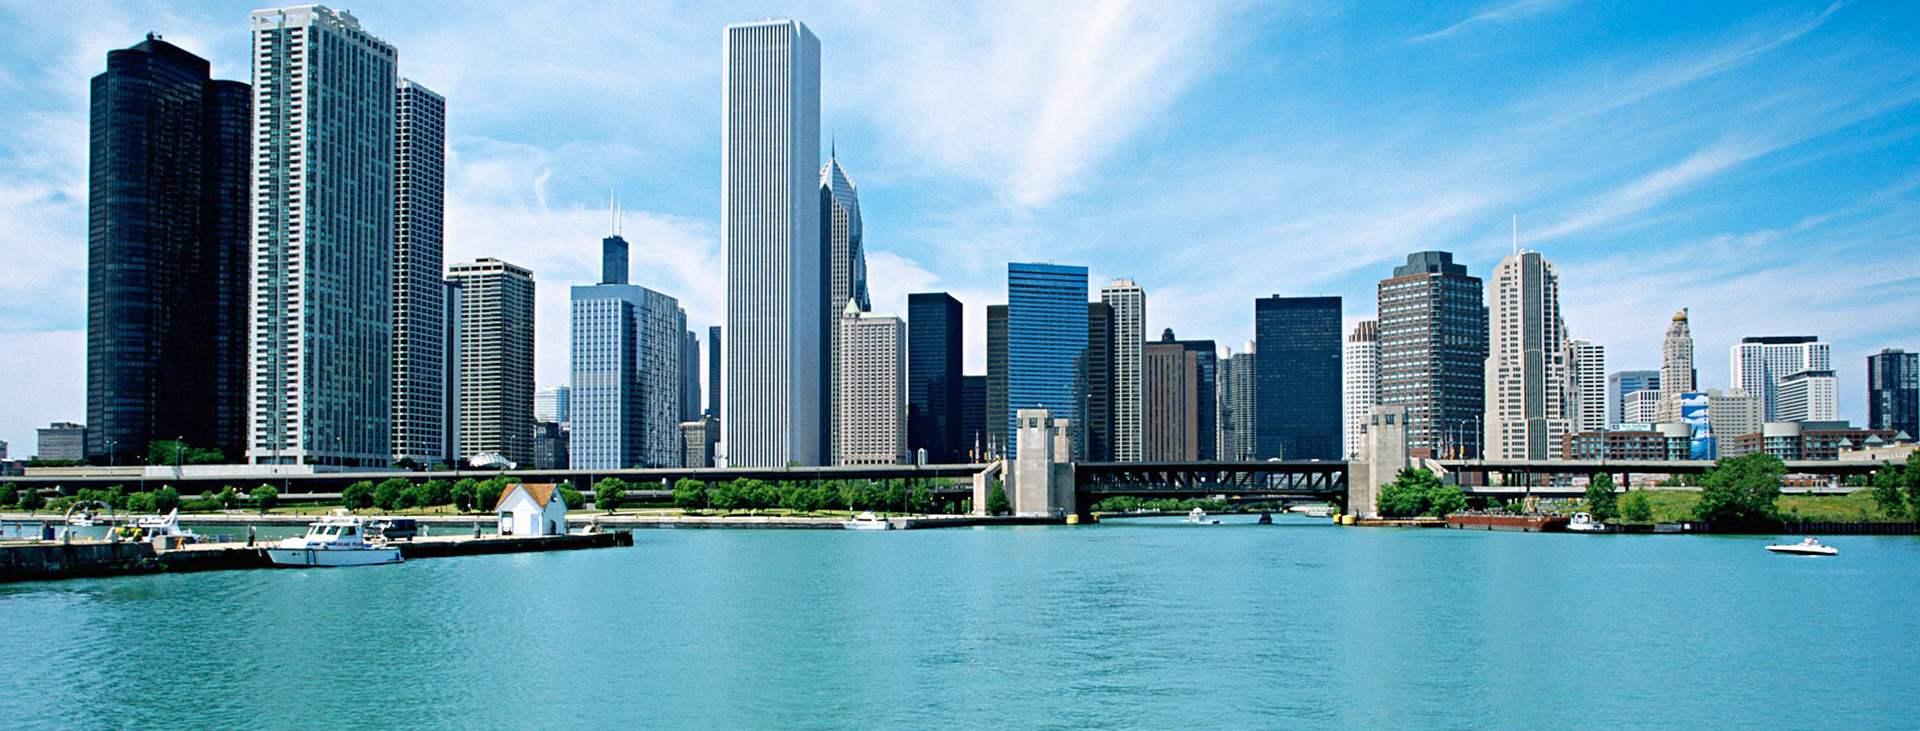 Boka en resa till Chicago i USA med Ving